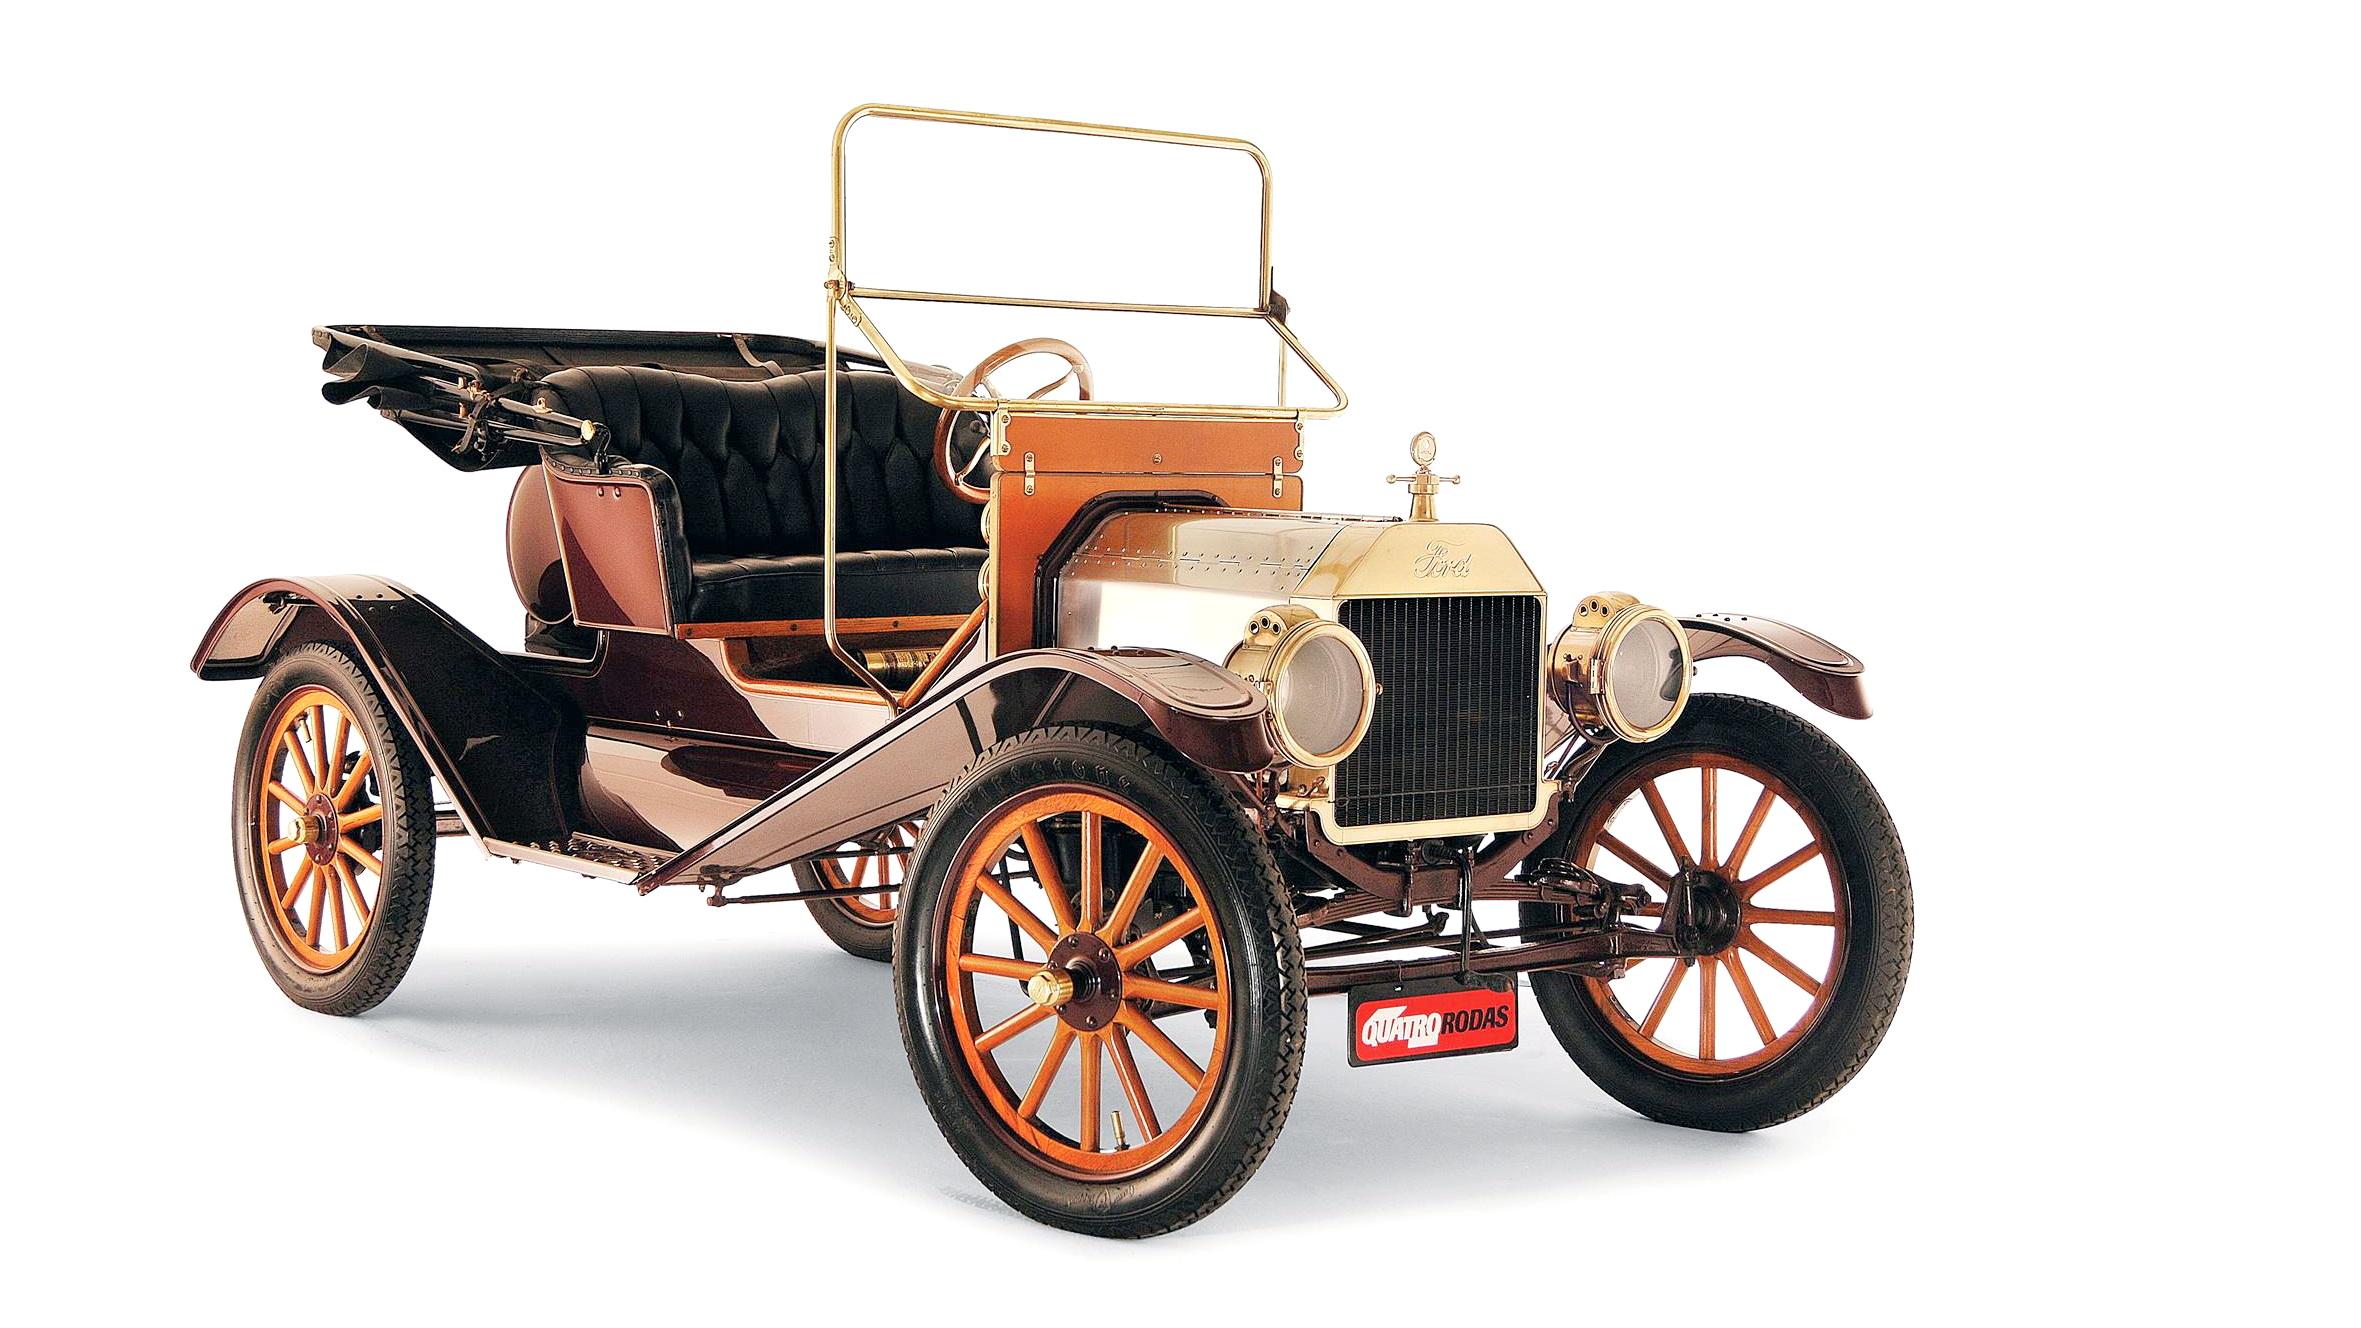 Ford T modelo 1911, automóvel testado pela revista Quatro Rodas (7) - Cópia